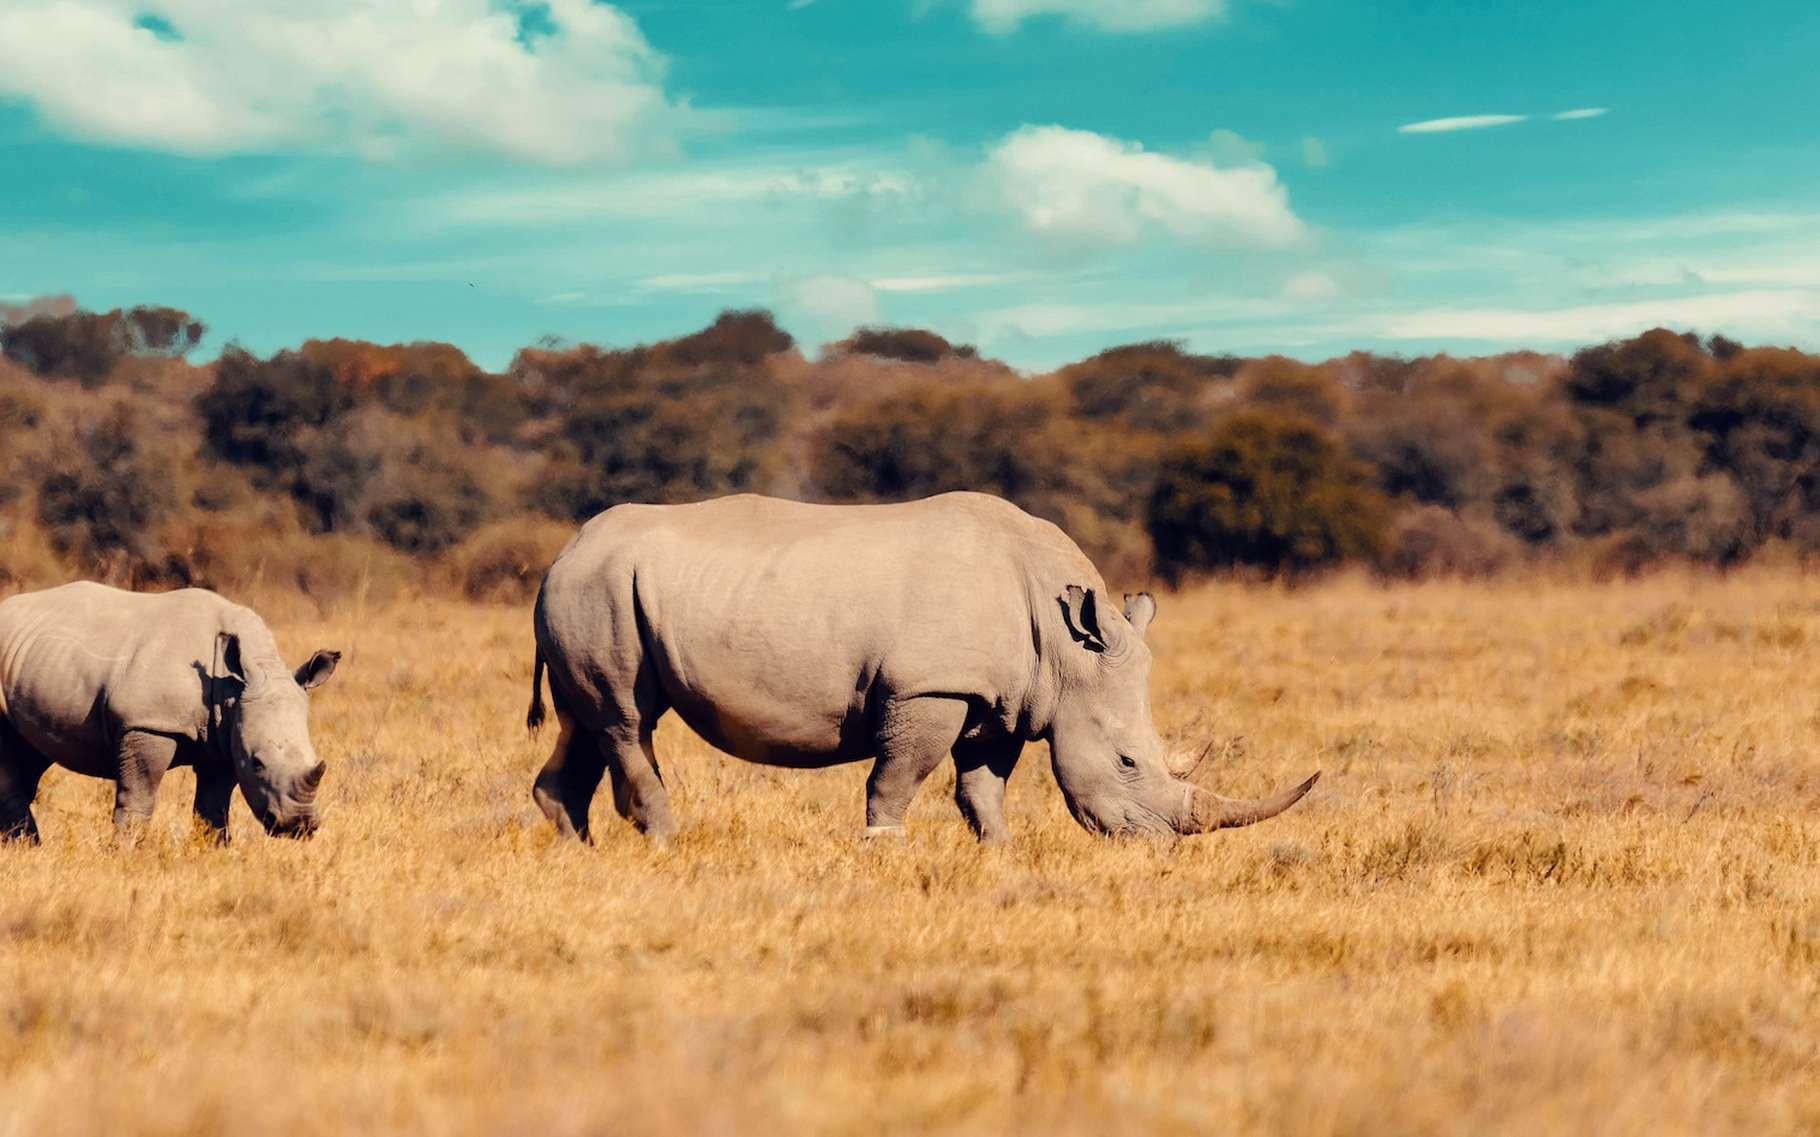 Extinction : les grands animaux herbivores sont plus menacés que les carnivores